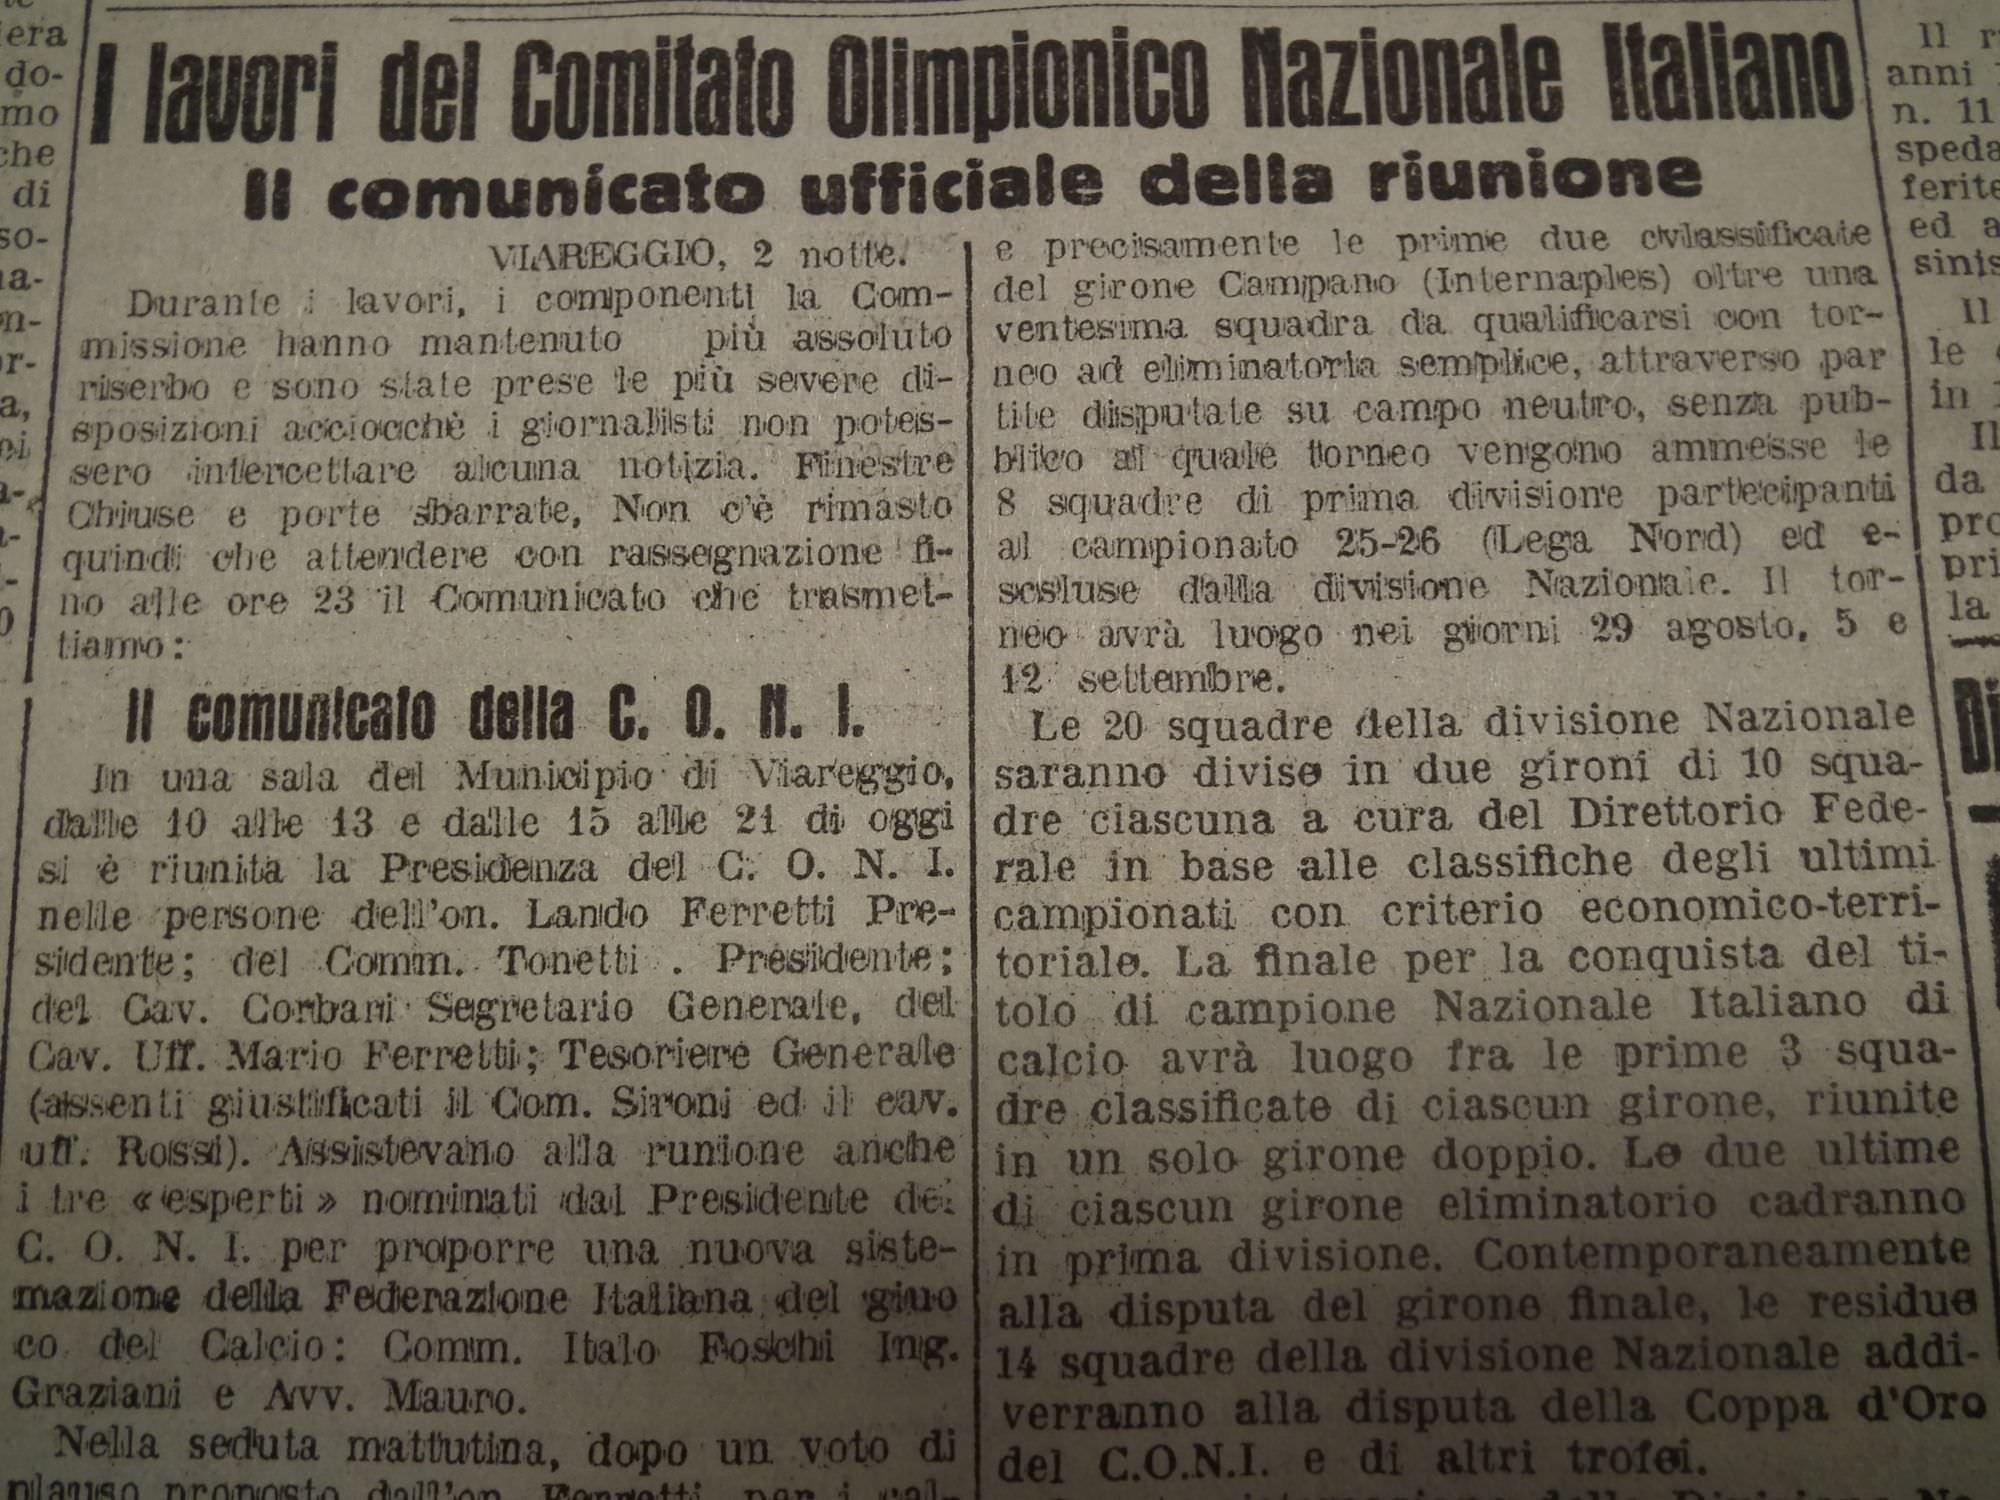 Accadde oggi: la Carta di Viareggio rivoluziona il calcio italiano